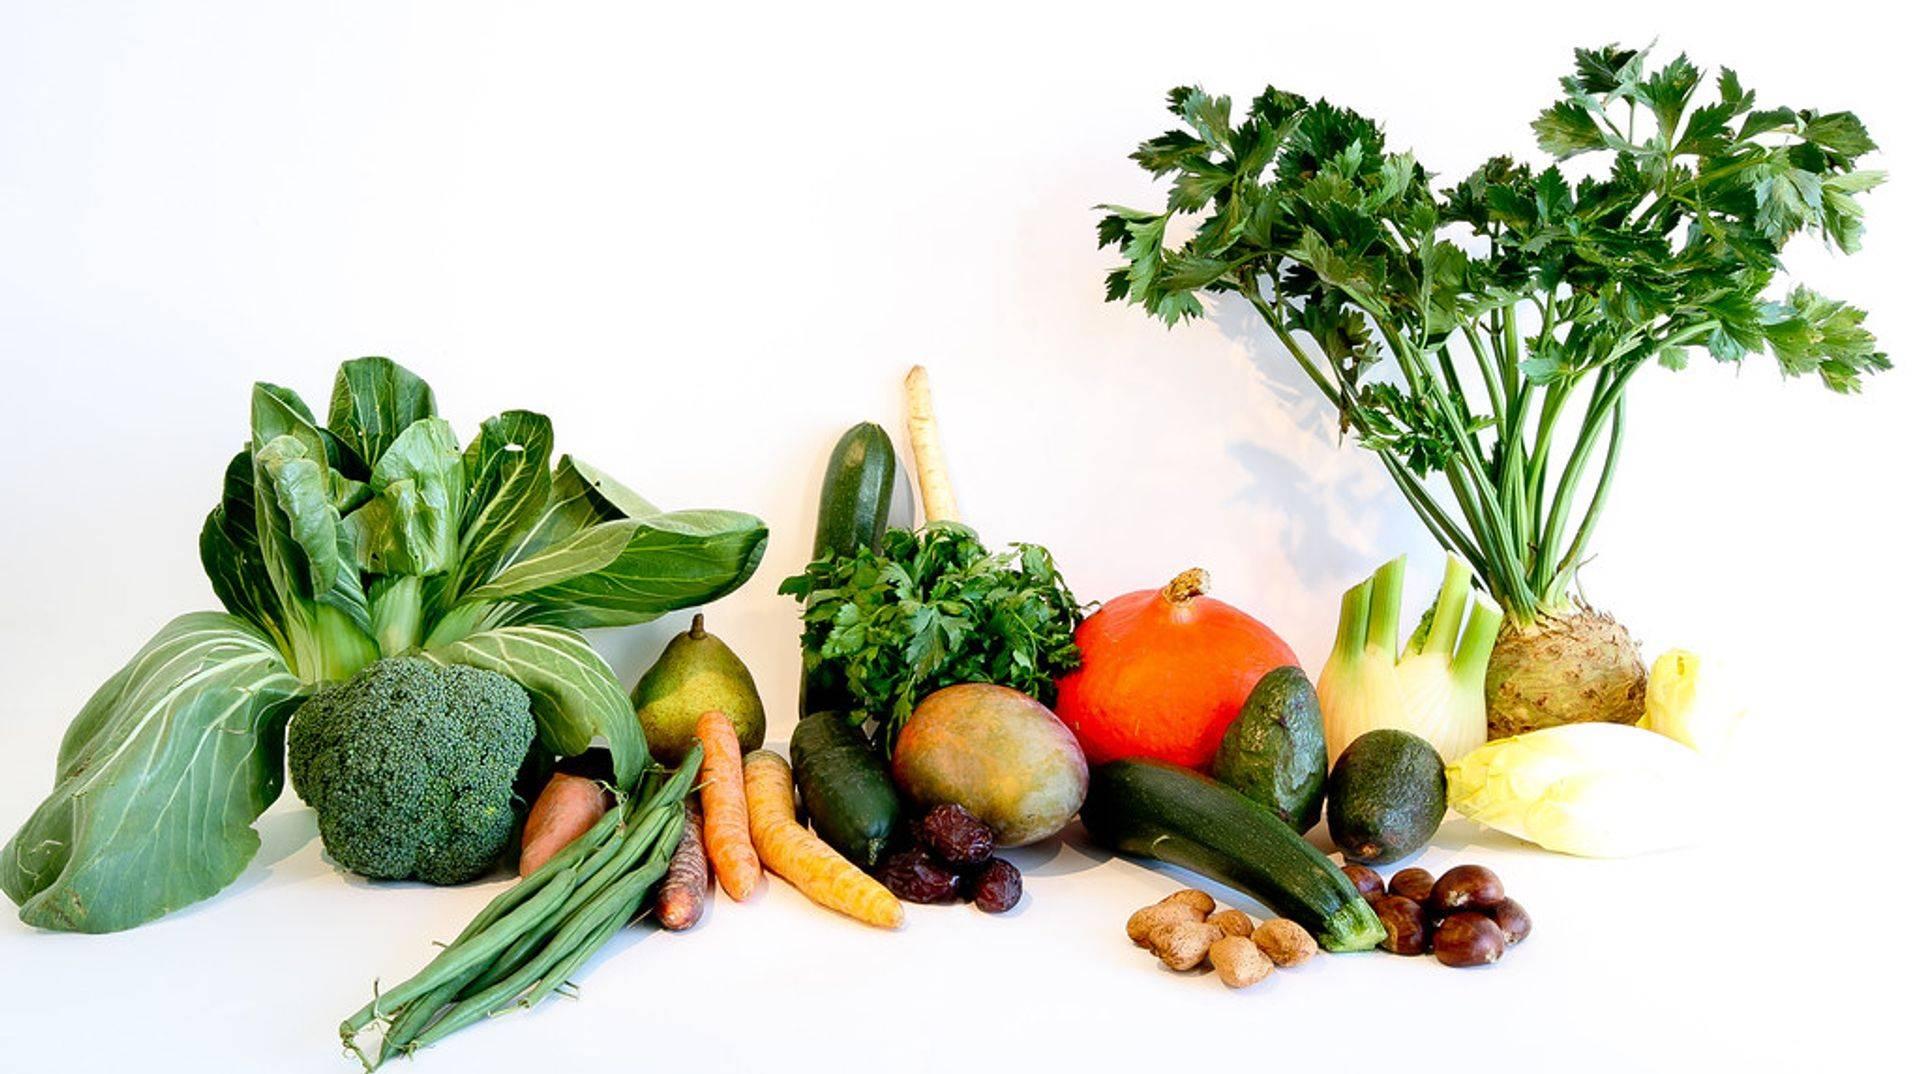 Global supplier of Vegetables